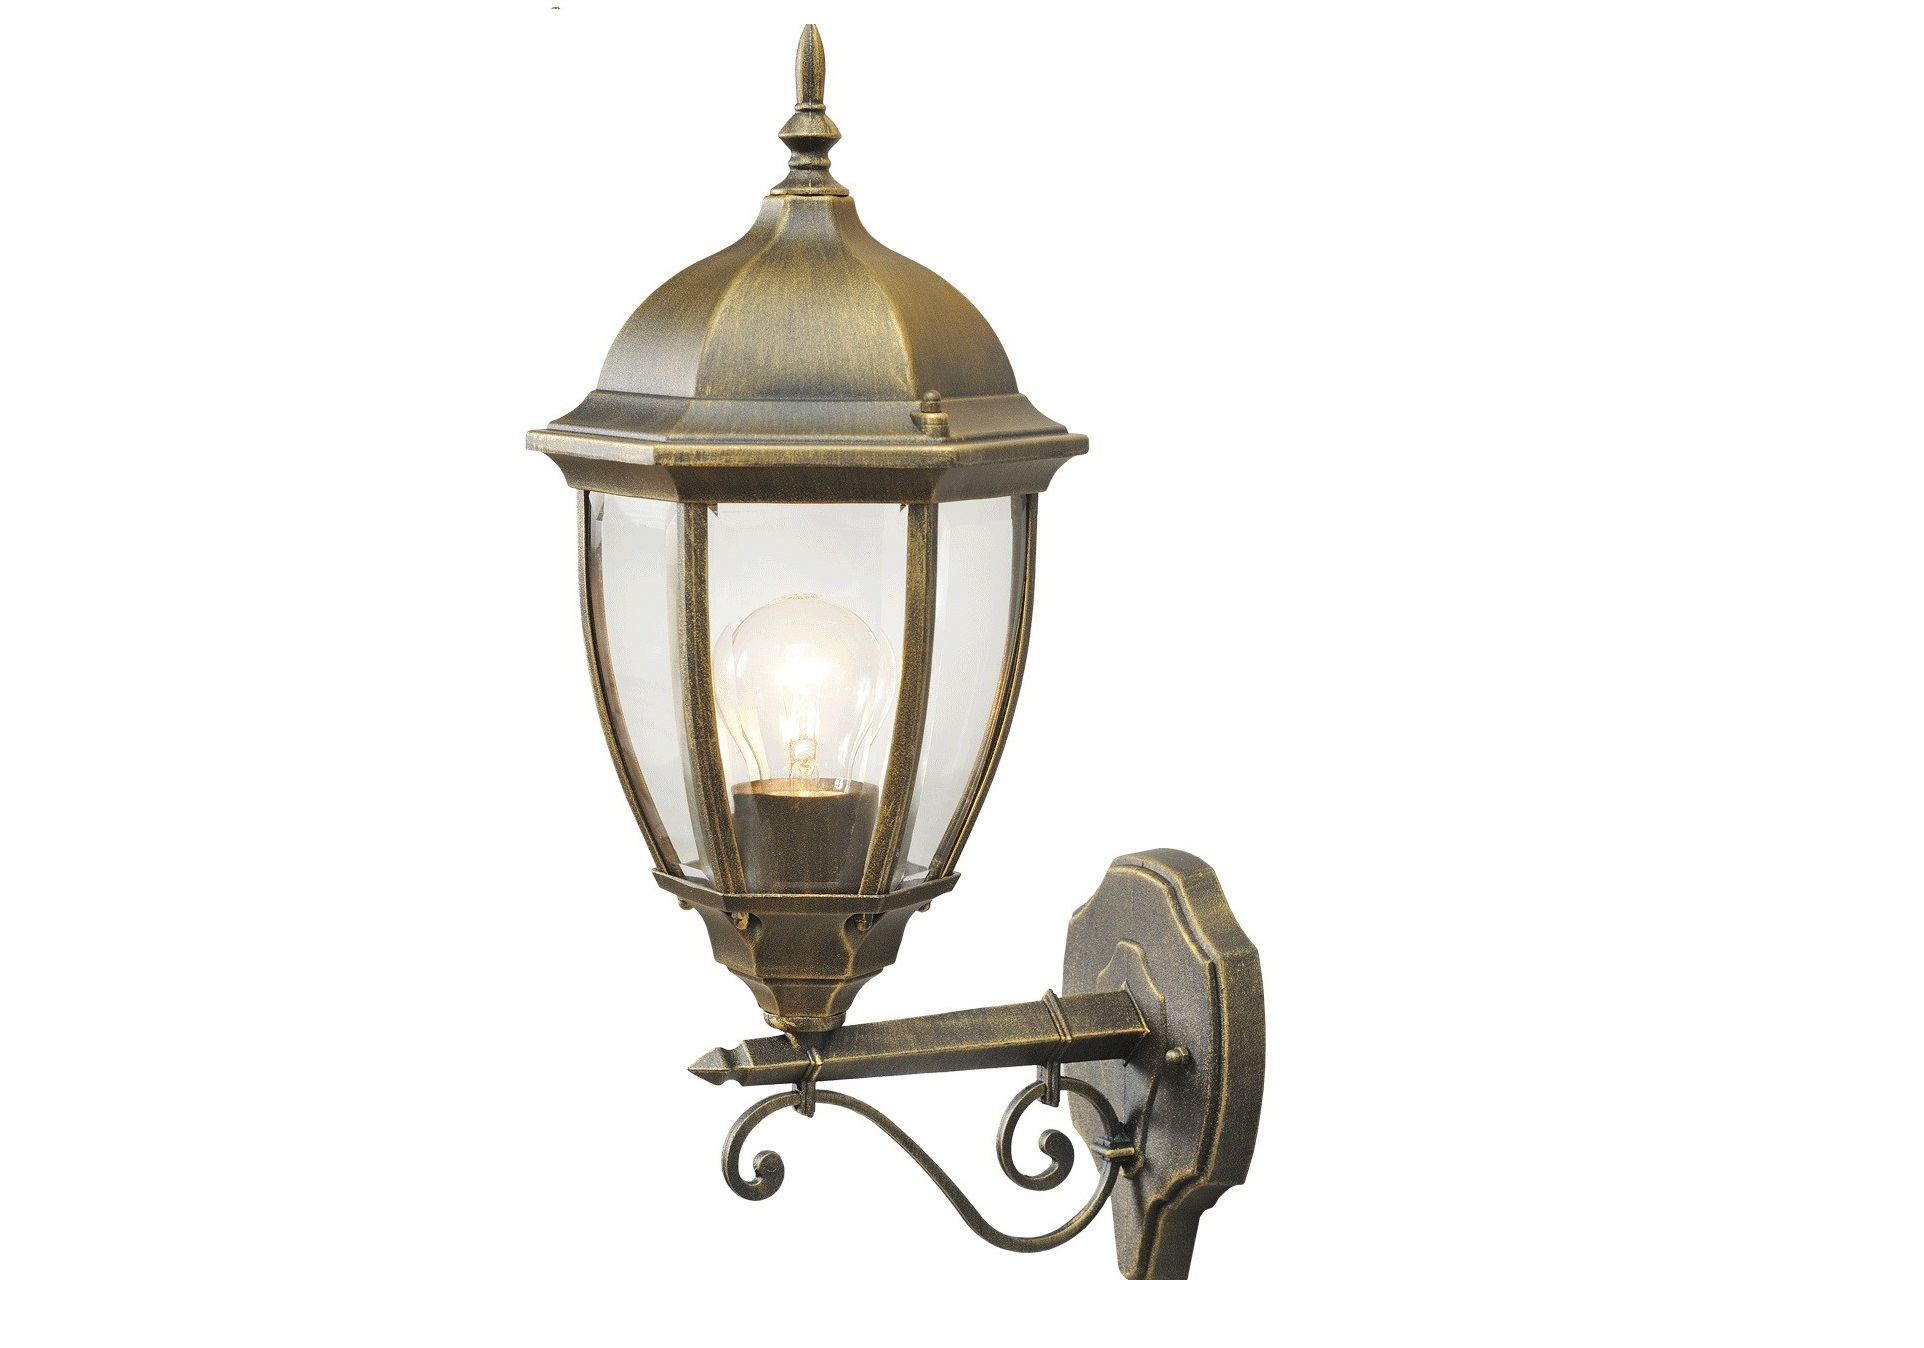 Уличный светильник ФабурУличные настенные светильники<br>&amp;lt;div&amp;gt;Основание из алюминия &amp;amp;nbsp;цвета старинной позолоты, плафоны из стекла.&amp;lt;/div&amp;gt;&amp;lt;div&amp;gt;&amp;lt;br&amp;gt;&amp;lt;/div&amp;gt;&amp;lt;div&amp;gt;Мощность 1*95W&amp;lt;/div&amp;gt;&amp;lt;div&amp;gt;Цоколь E27&amp;lt;/div&amp;gt;&amp;lt;div&amp;gt;&amp;lt;span style=&amp;quot;line-height: 1.78571;&amp;quot;&amp;gt;Степень защиты<br>светильников от пыли и влаги&amp;lt;/span&amp;gt;&amp;lt;span style=&amp;quot;line-height: 1.78571;&amp;quot;&amp;gt;&amp;amp;nbsp;IP44&amp;lt;/span&amp;gt;&amp;lt;/div&amp;gt;<br><br>Material: Алюминий<br>Length см: 26<br>Width см: 21<br>Height см: 49